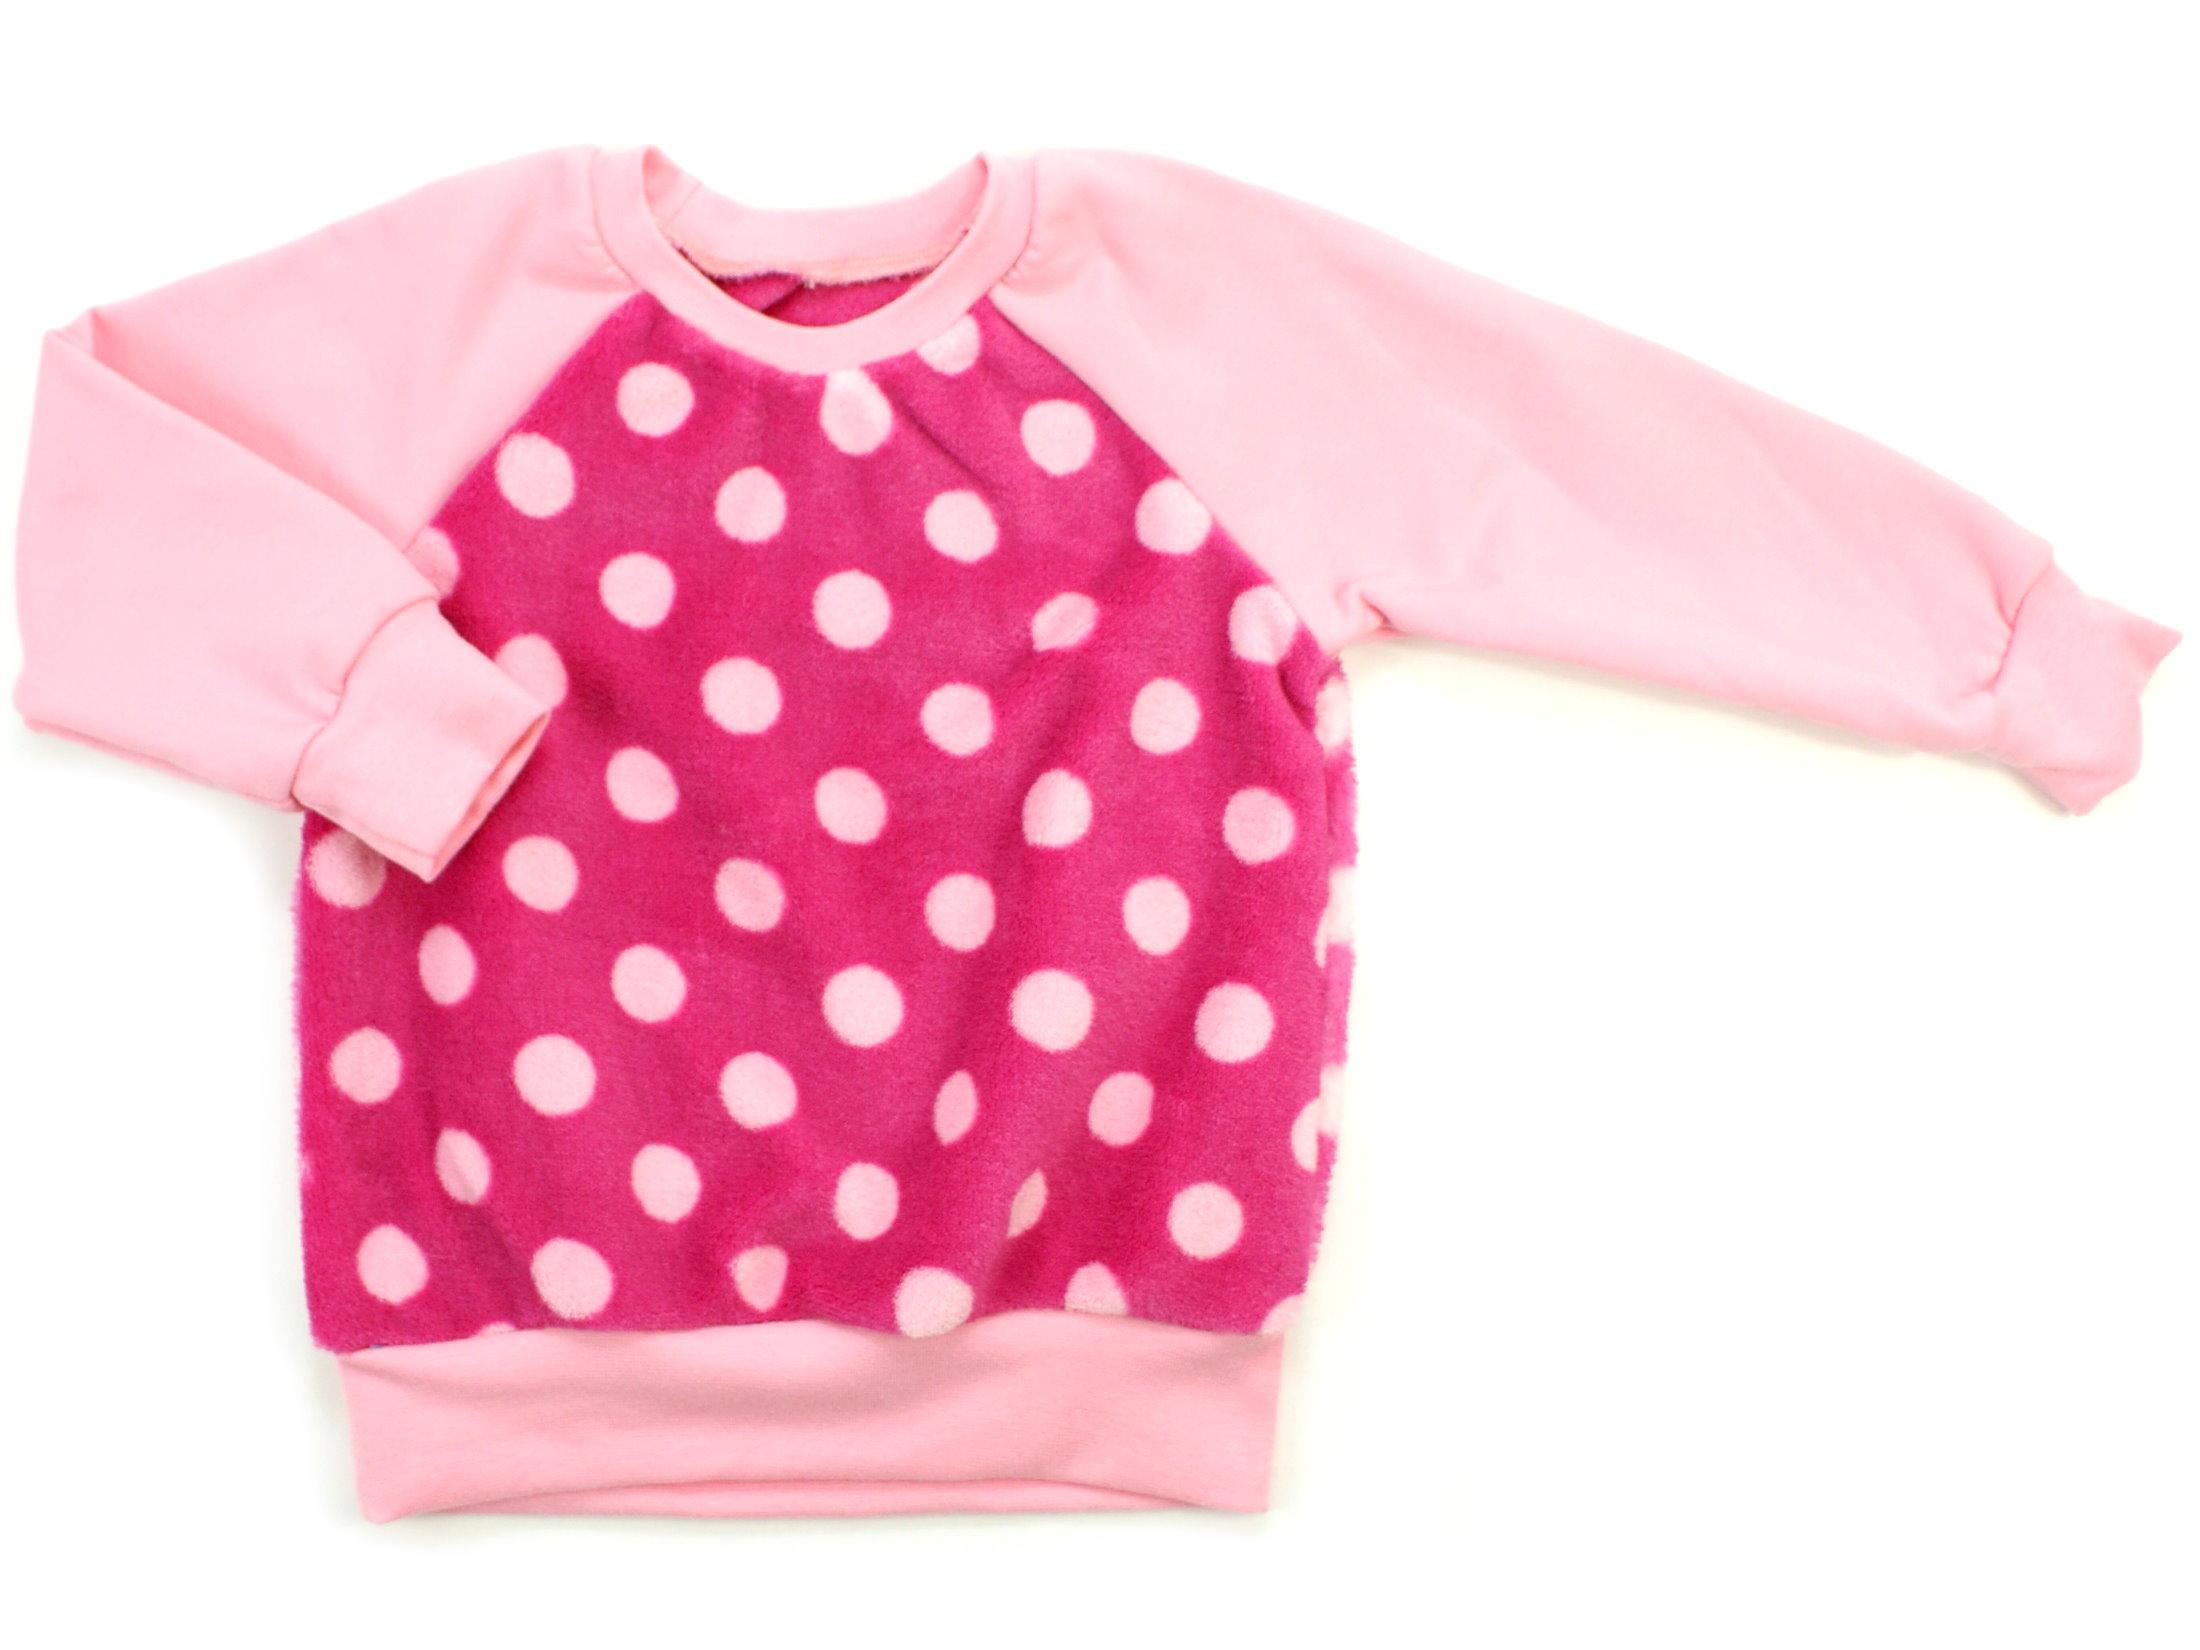 """Kinder Pullover """"Große Punkte"""" rosa pink aus Kuschelfleece"""